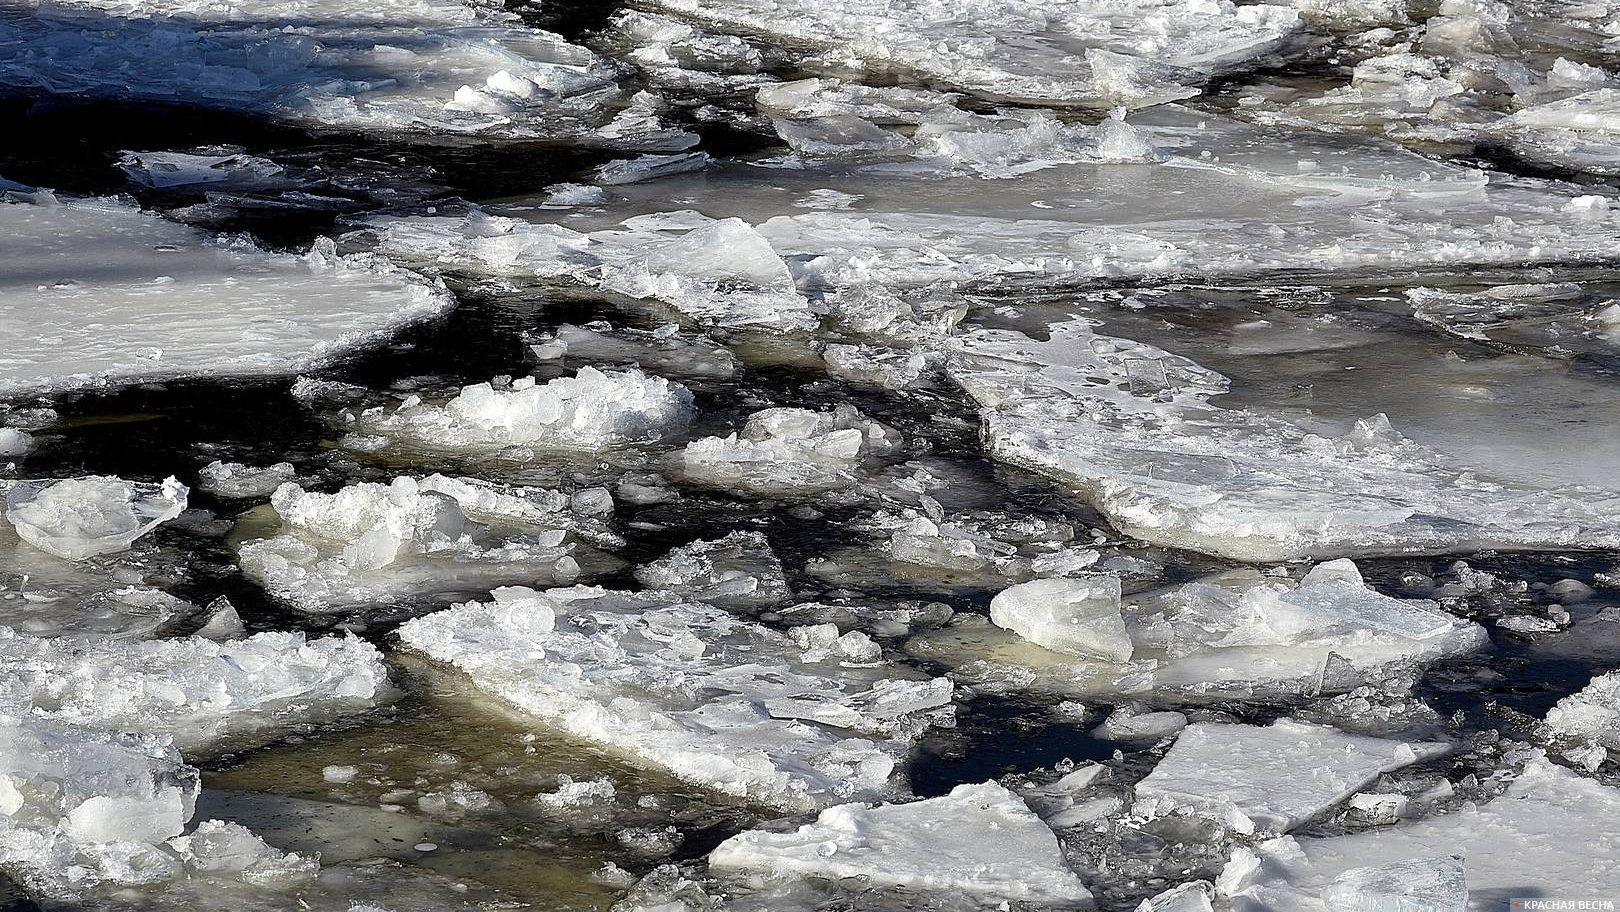 В реках Закарпатья перед Рождеством ожидают подъем воды